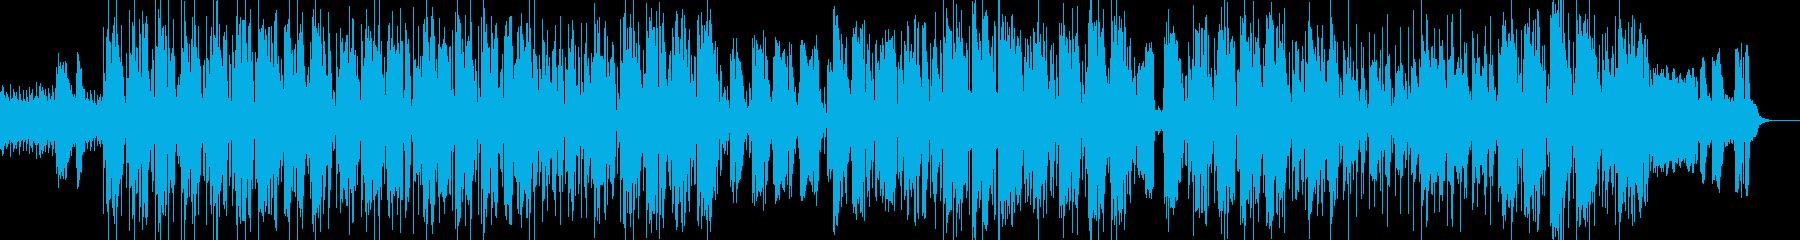 ポップレゲエのクリスマスソングの再生済みの波形